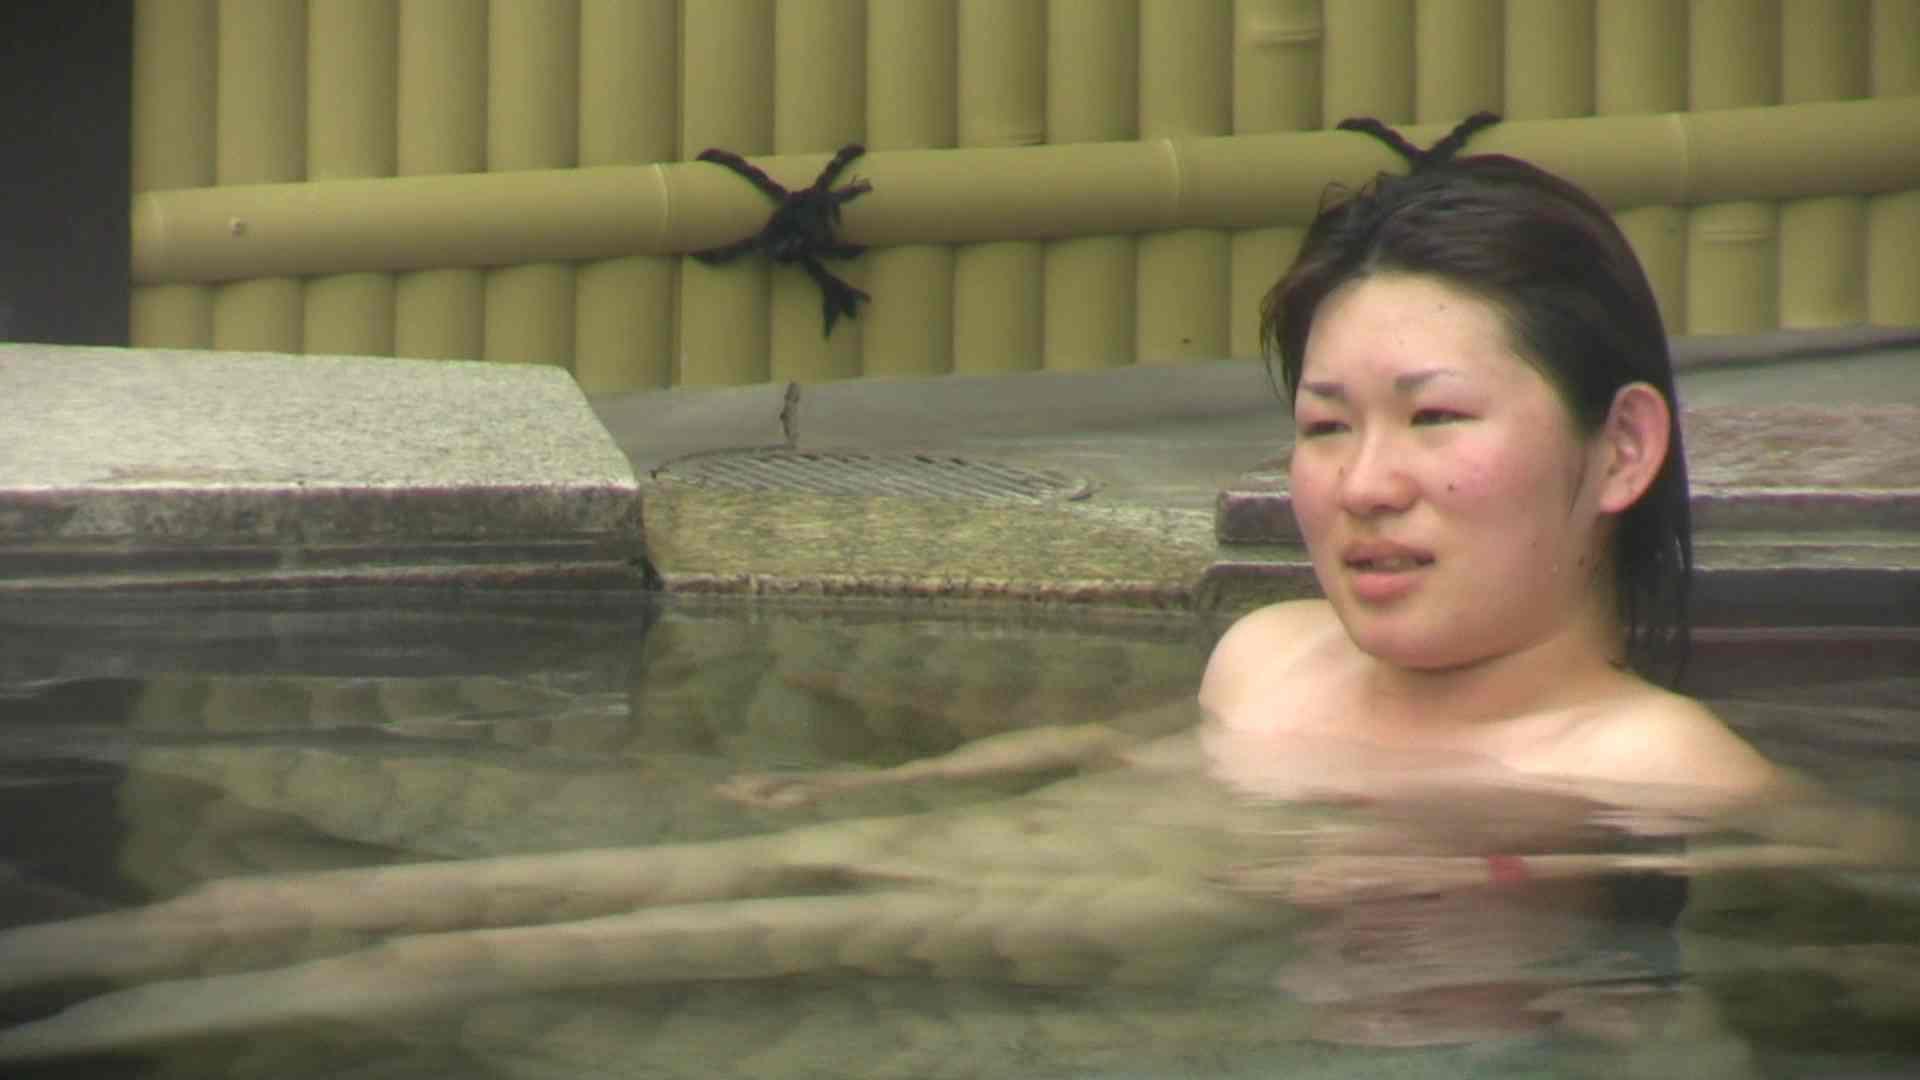 Aquaな露天風呂Vol.673 OLエロ画像  104PICs 99